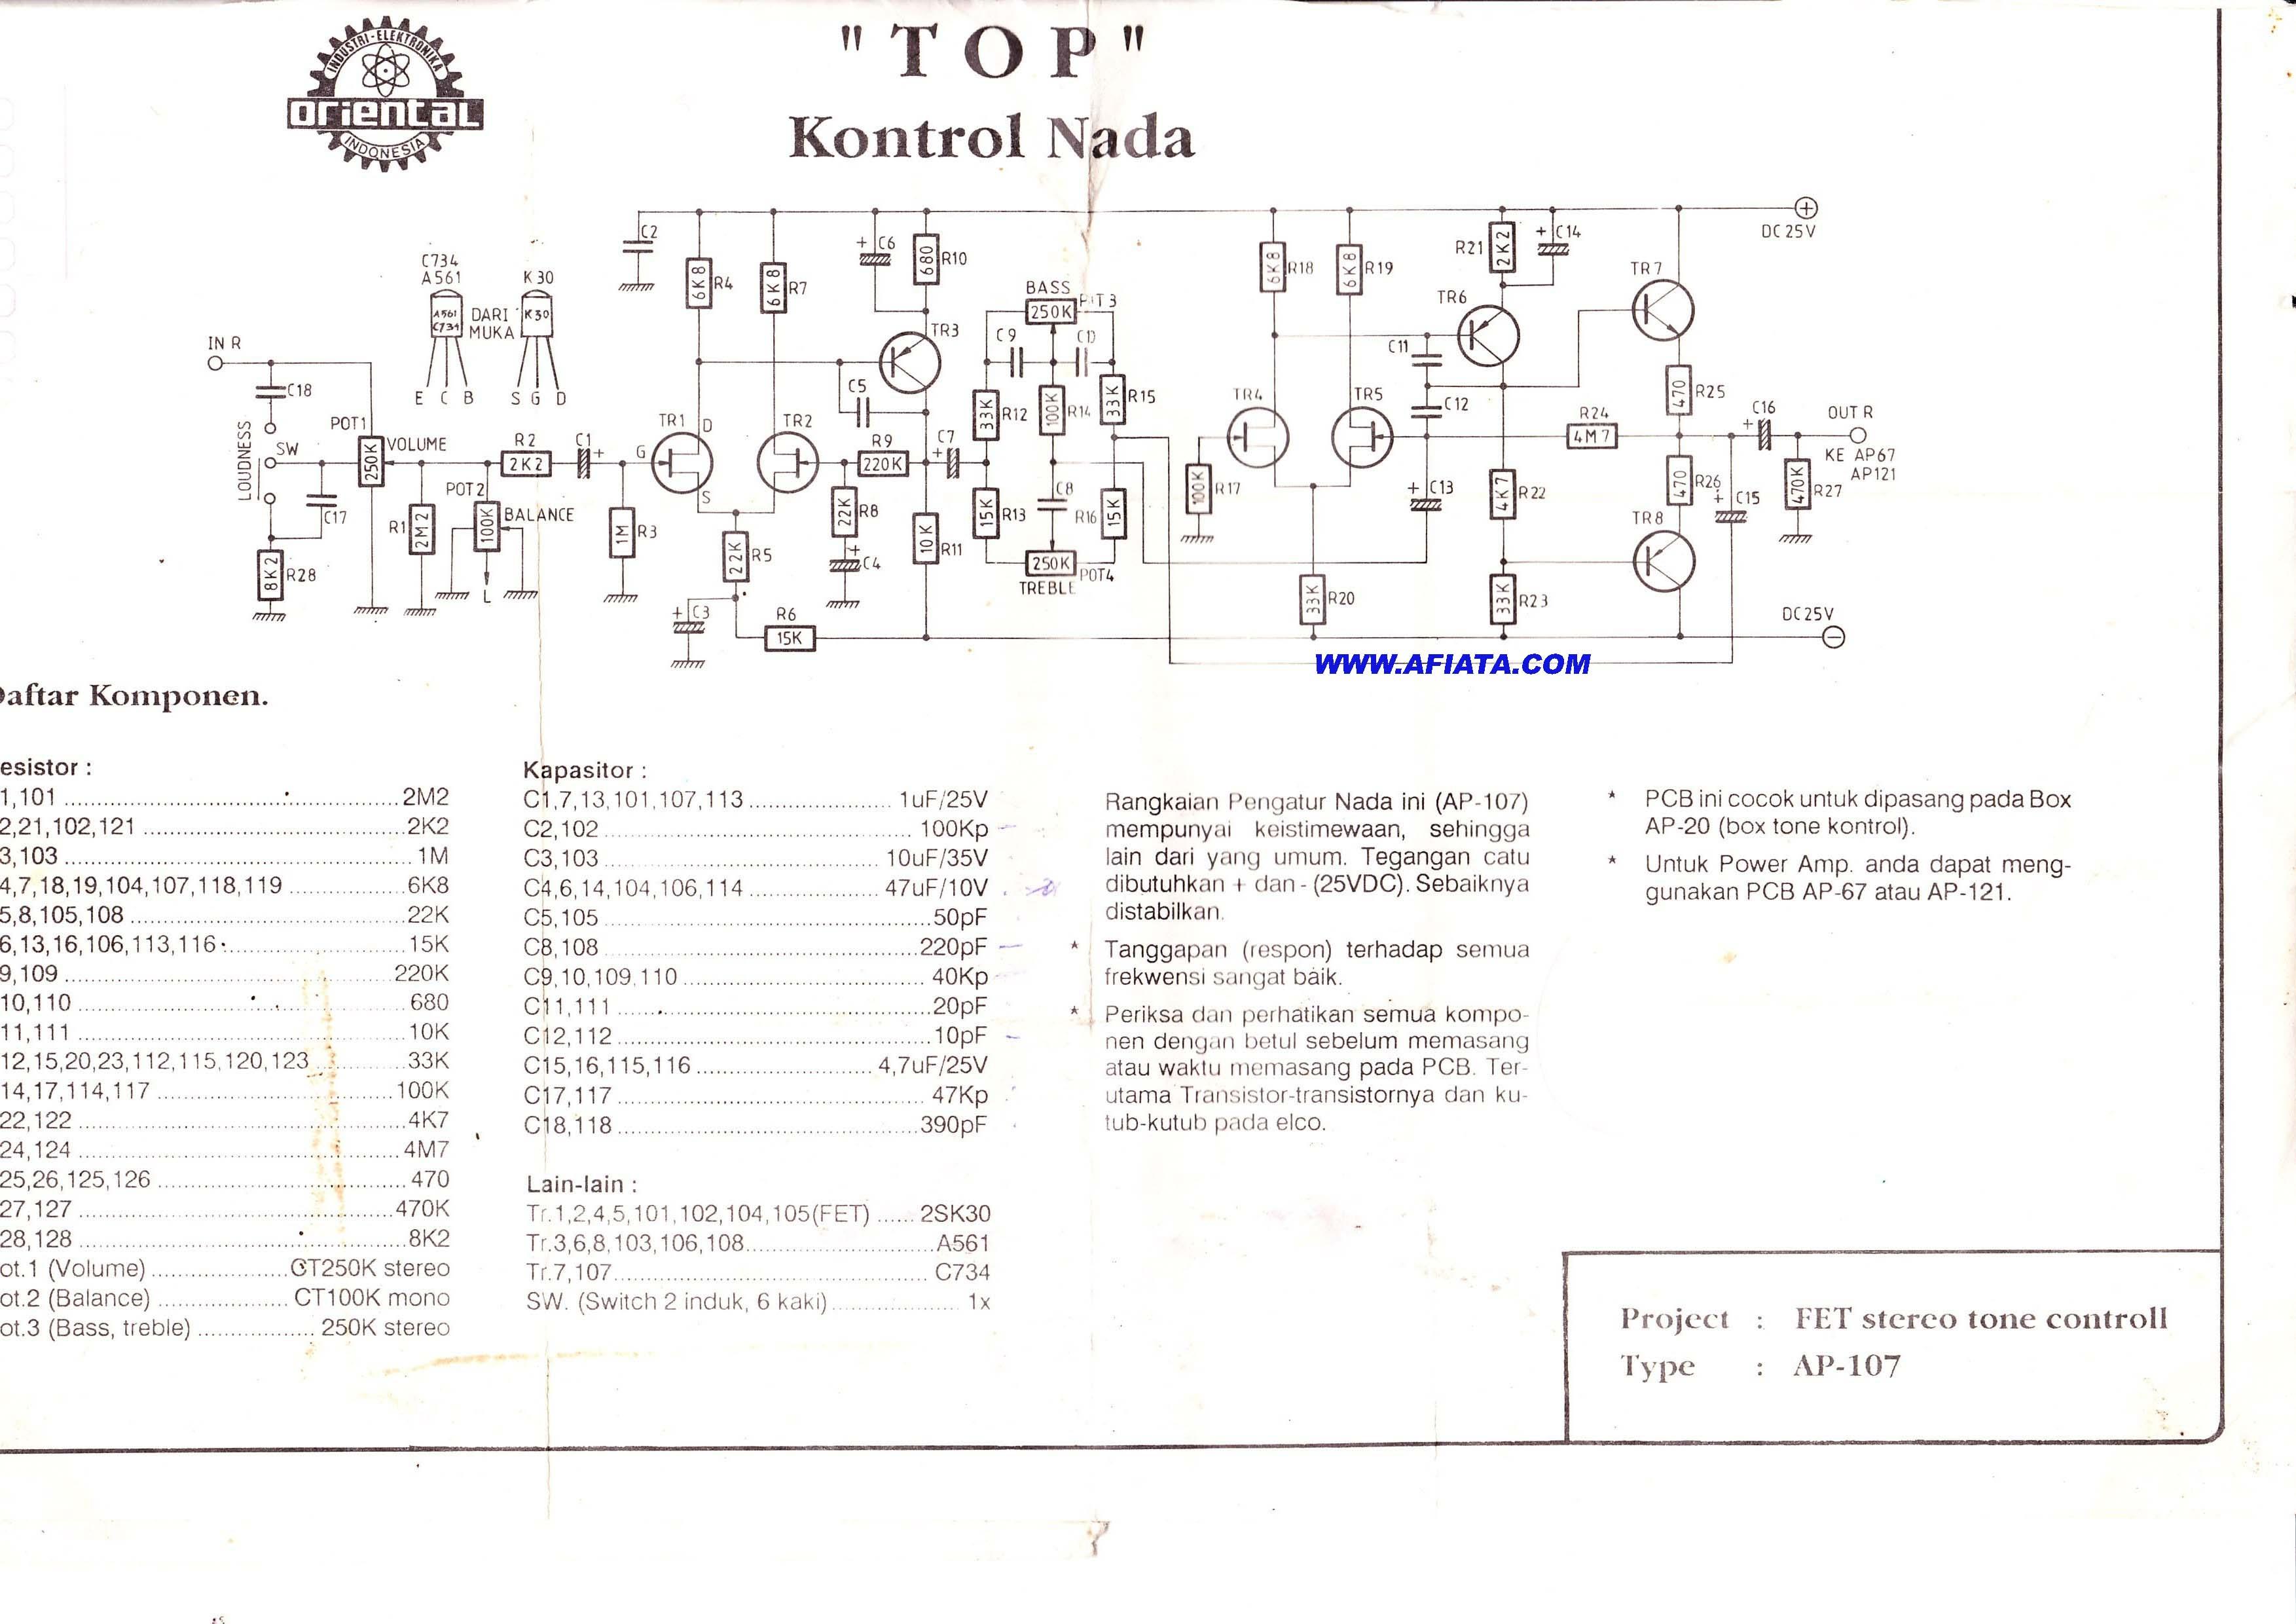 astatic 575 m6 wiring diagram astatic image wiring astatic 636l 4 pin wiring diagram astatic image on astatic 575 m6 wiring diagram